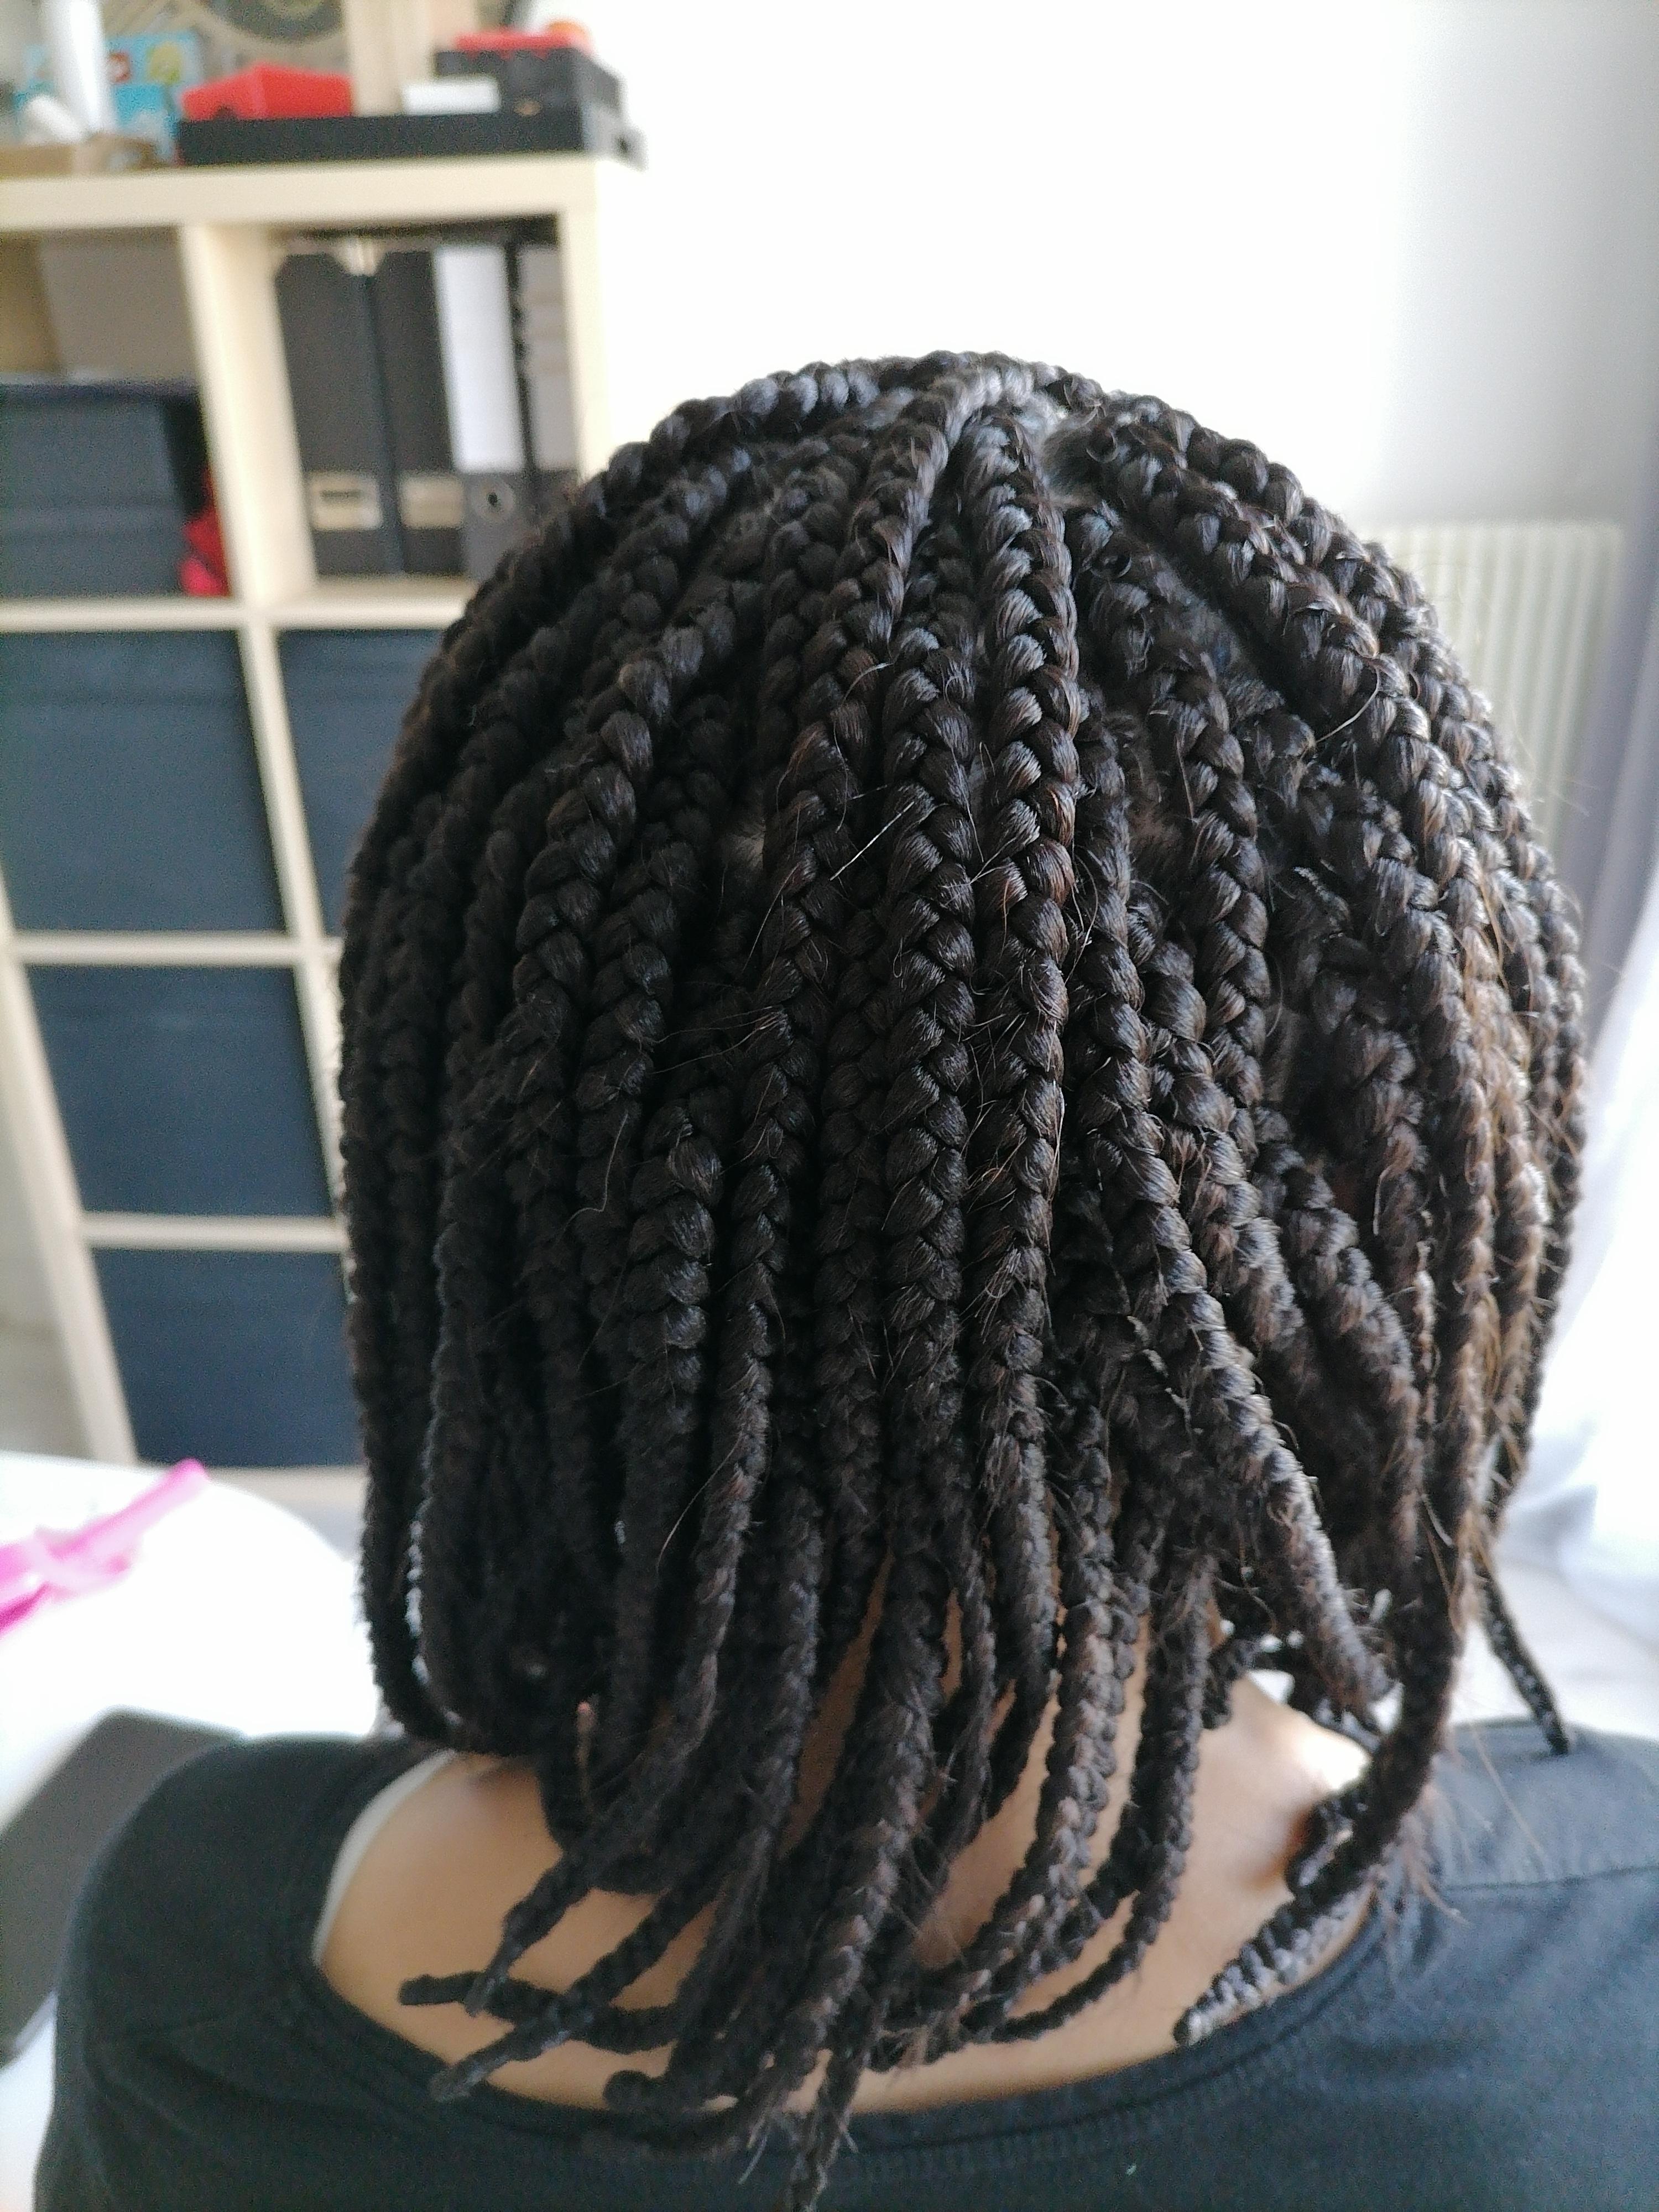 salon de coiffure afro tresse tresses box braids crochet braids vanilles tissages paris 75 77 78 91 92 93 94 95 YNNAWWPB